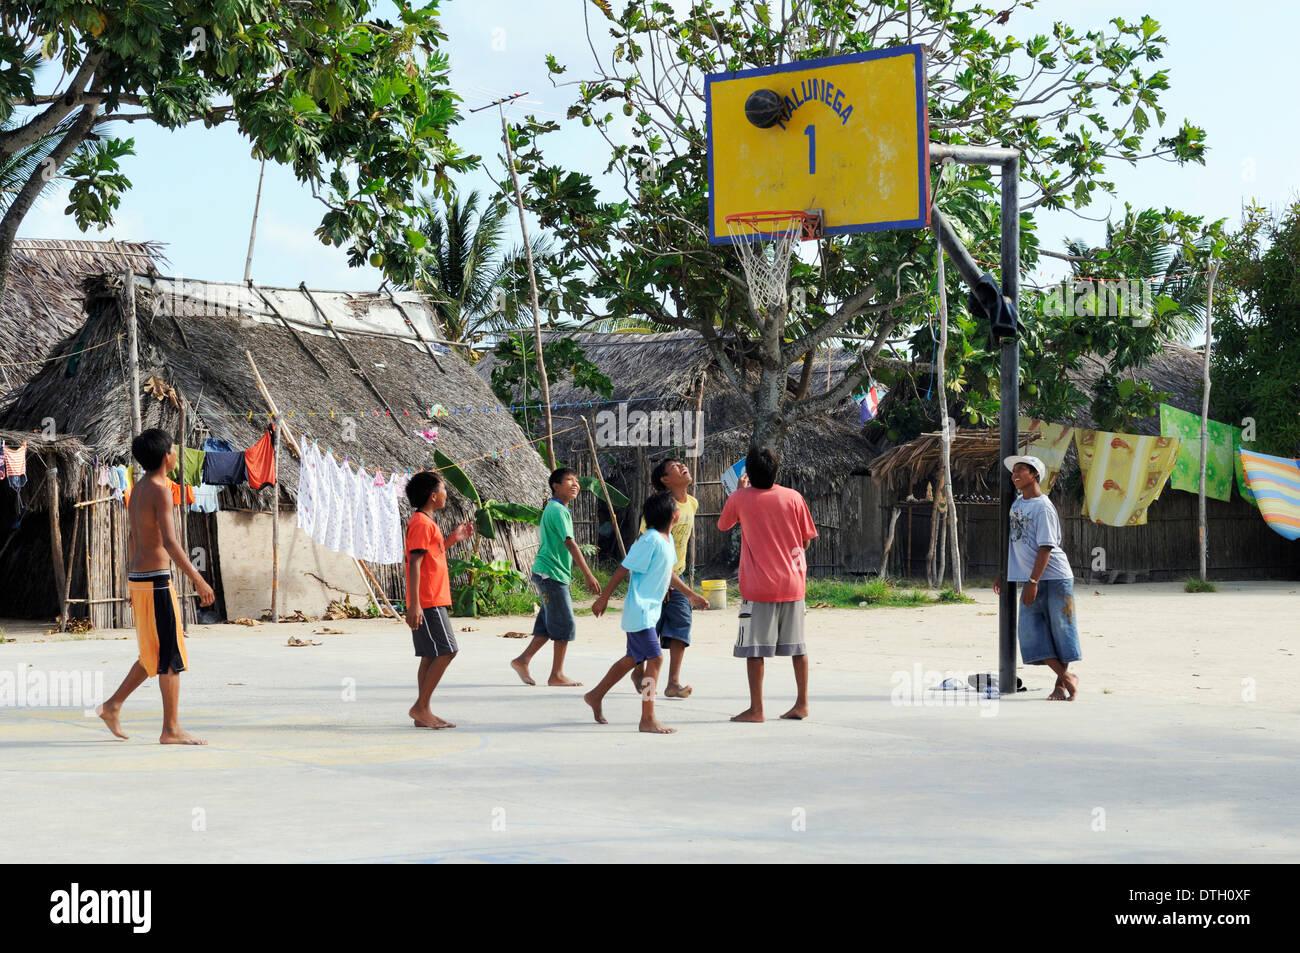 Les enfants jouer au basket-ball dans un village indien Kuna, Nalunega, îles San Blas, Panama Photo Stock